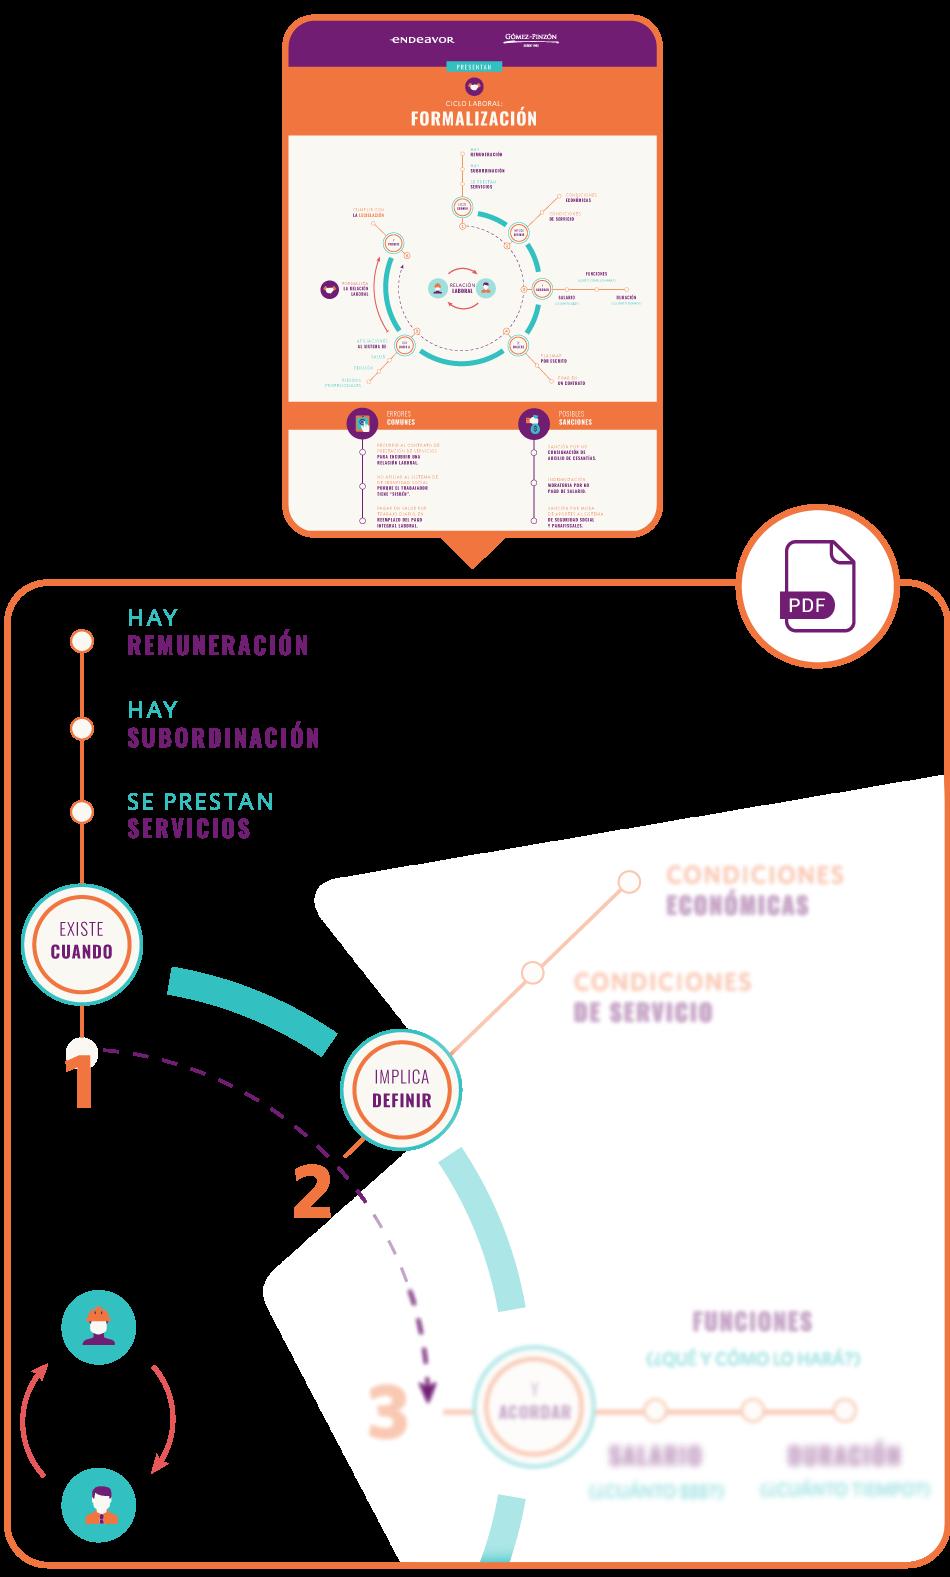 Descargar-Infografia-Formalizacion-laboral-en-Colombia-Endeavor